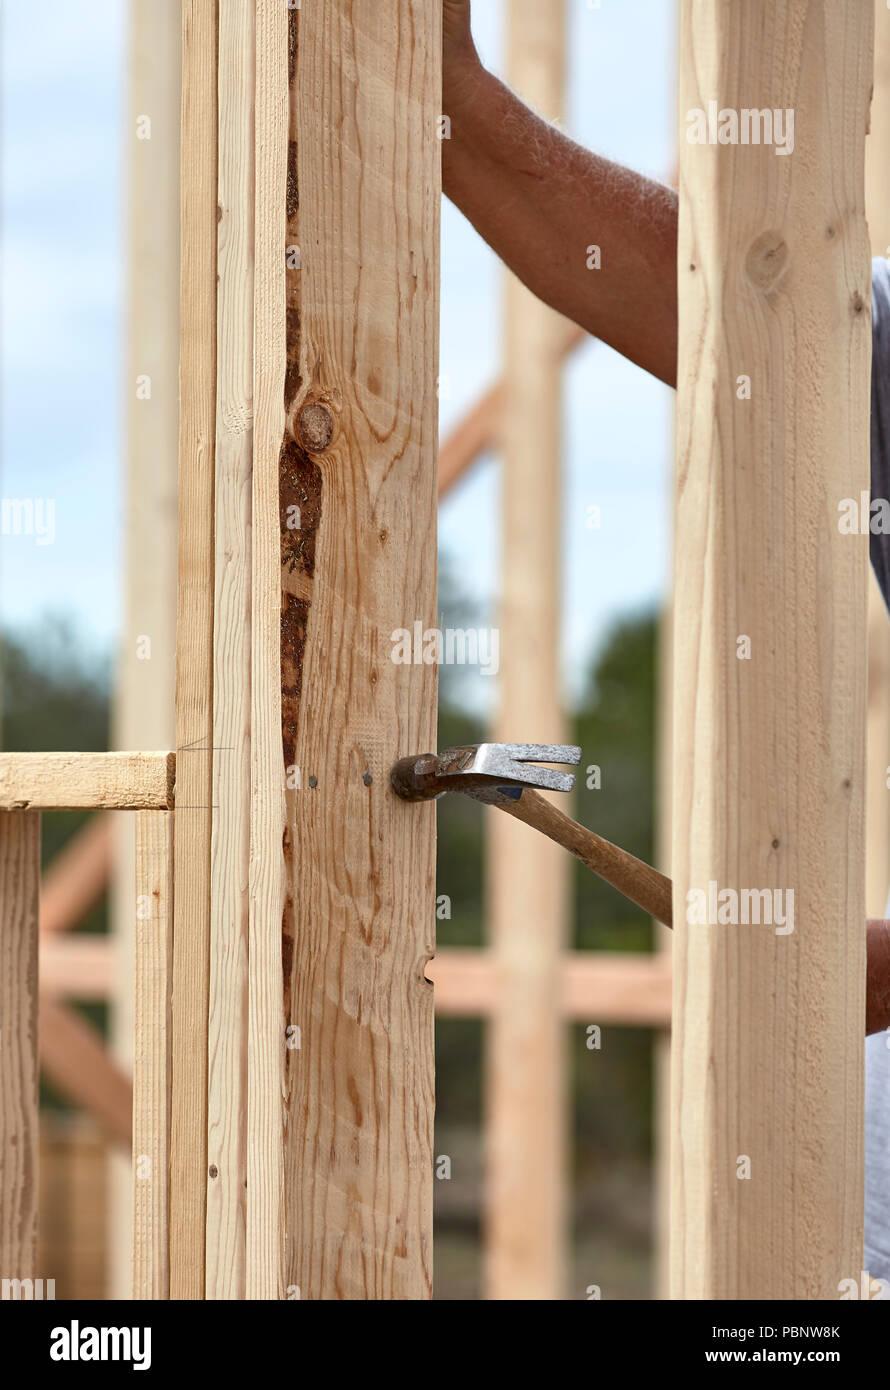 Tischler hämmern einen Nagel in ein 2x4 Stück Holz auf eine neue ...